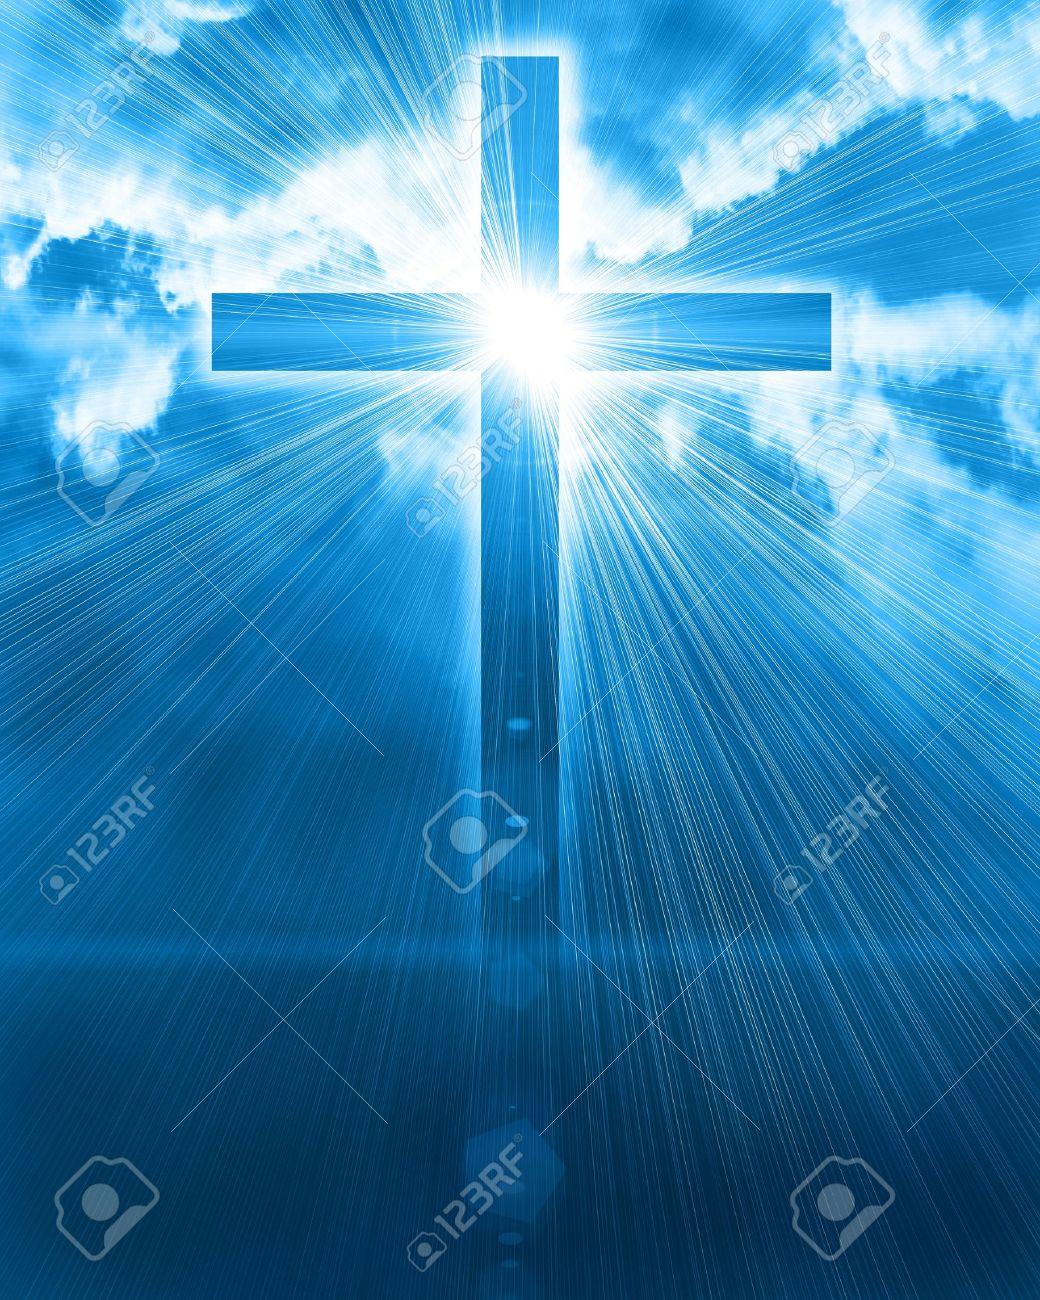 glowing cross in sky - 12697288